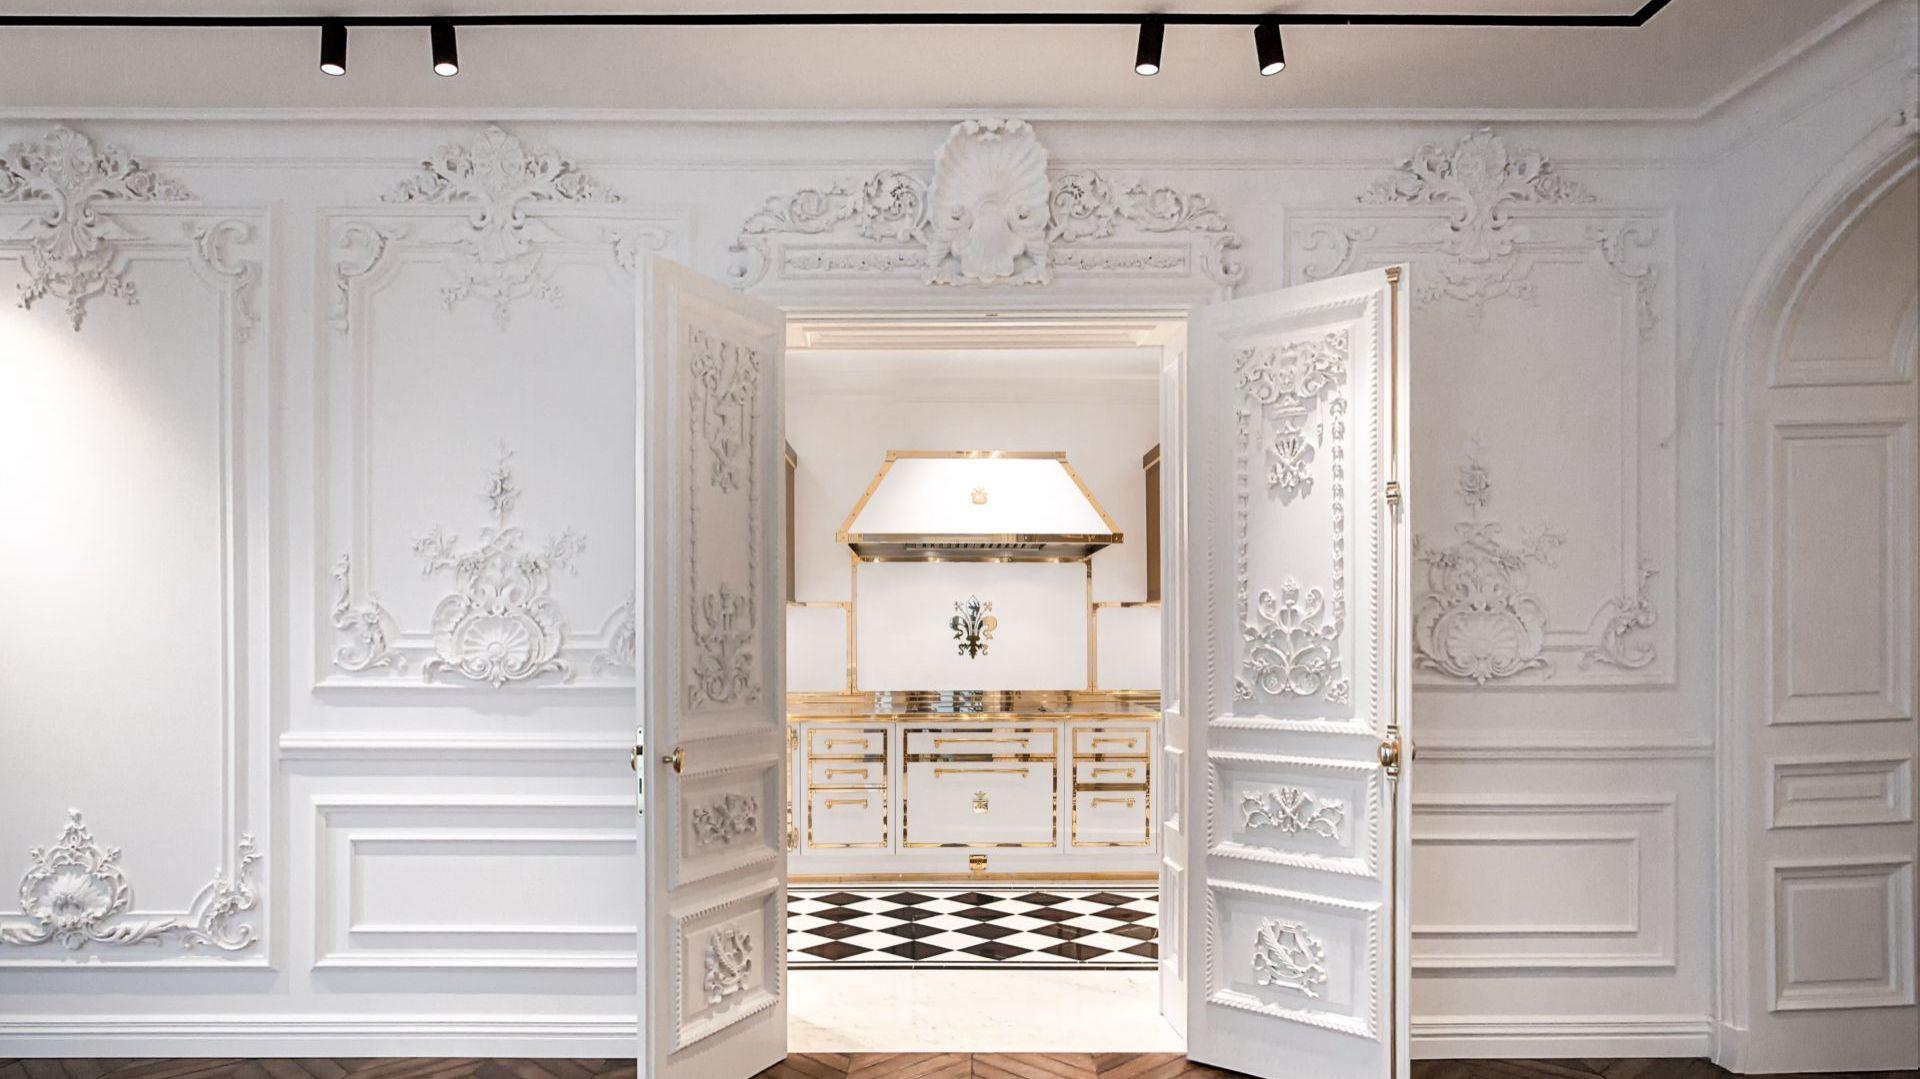 Projekt kuchni z meblami w bieli i polerowanym mosiądzu. Fot. Officine Gullo